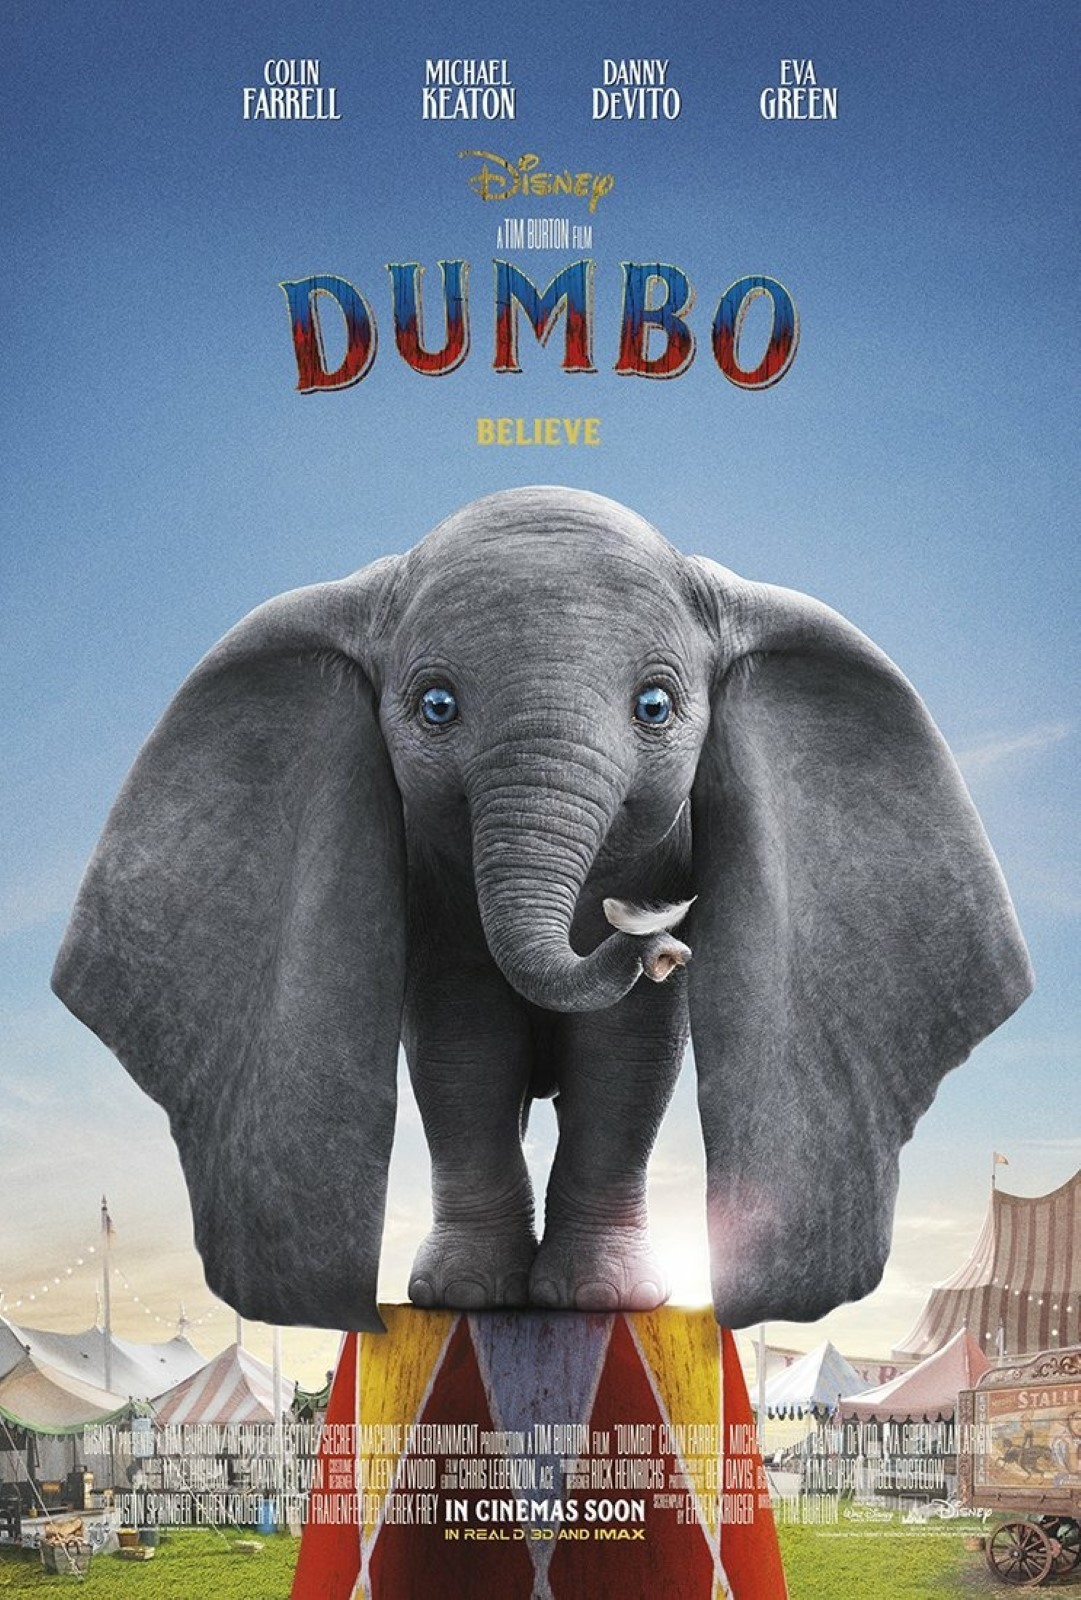 """حقق فيلم الأنيمشن العائلي """"Dumbo"""" إيرادات وصلت إلى 223 مليون دولار حول العالم، منذ طرحه يوم 29 مارس الماضى."""